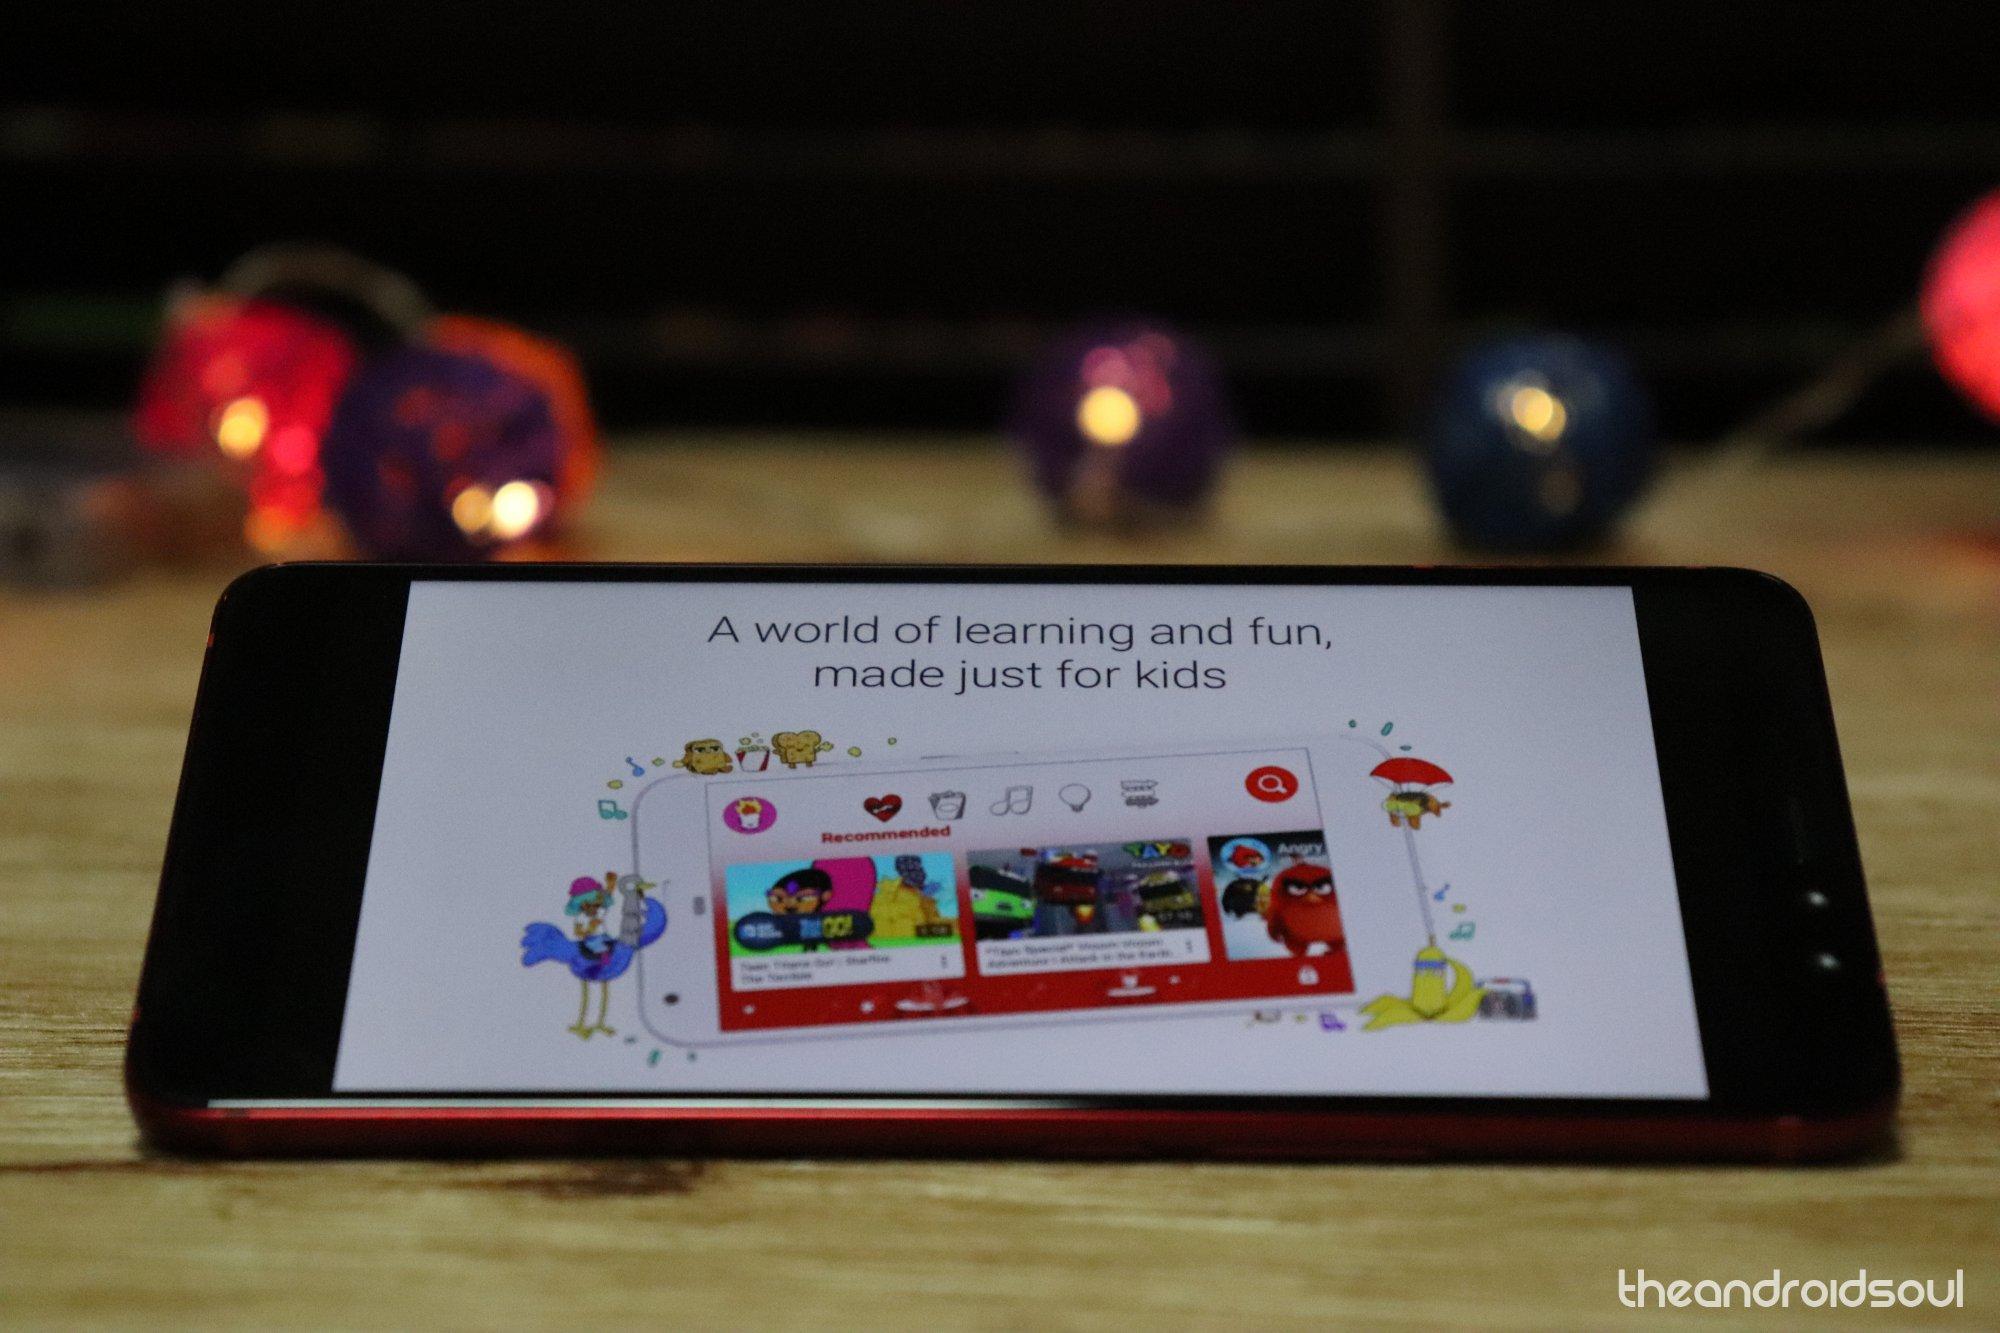 storytelling apps for kids